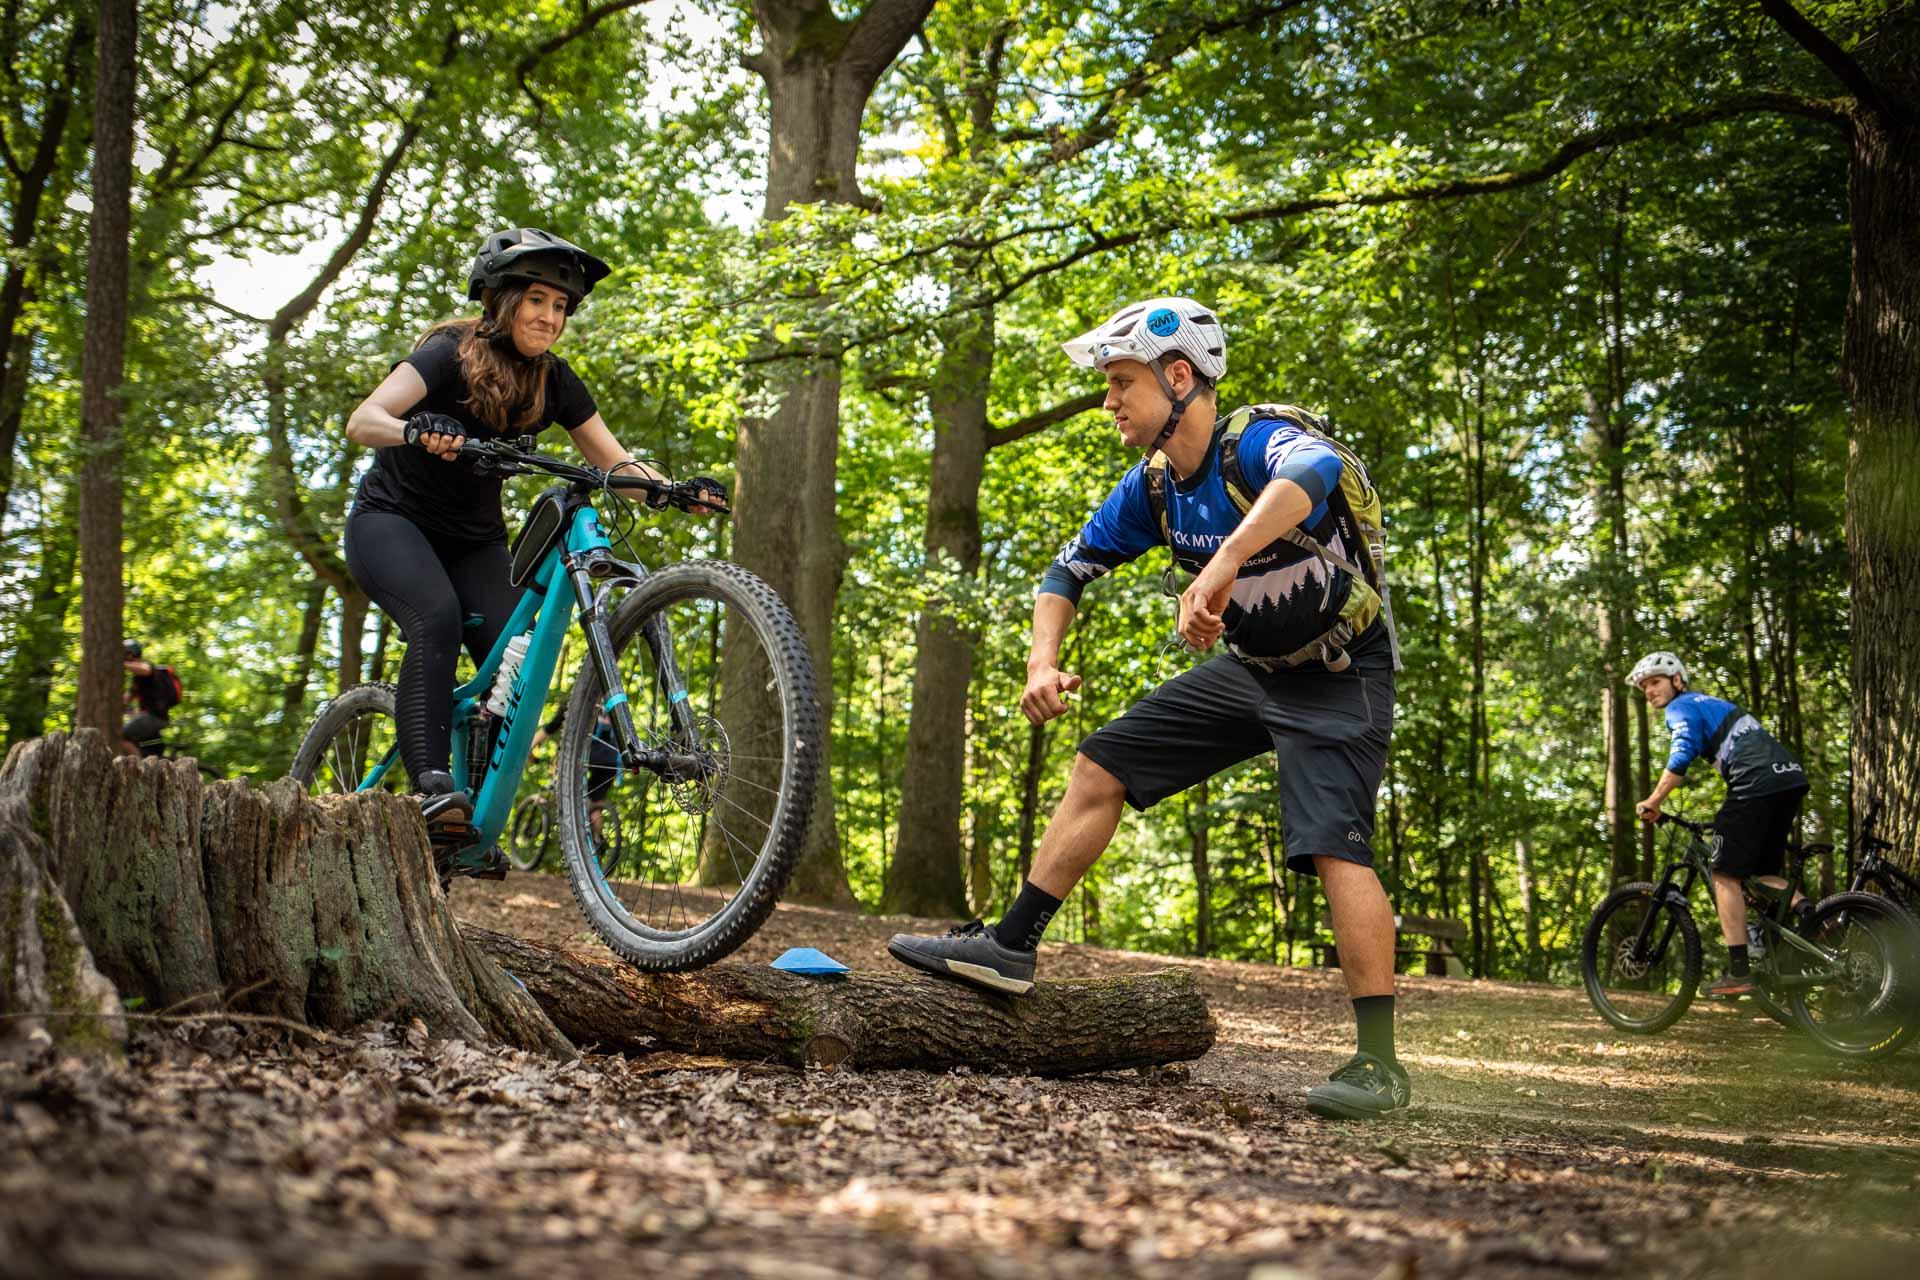 MTB Fahrtechnik Kurs für Einsteiger in Sasbachwalden - Mountainbike Basic - Rock my Trail Bikeschule